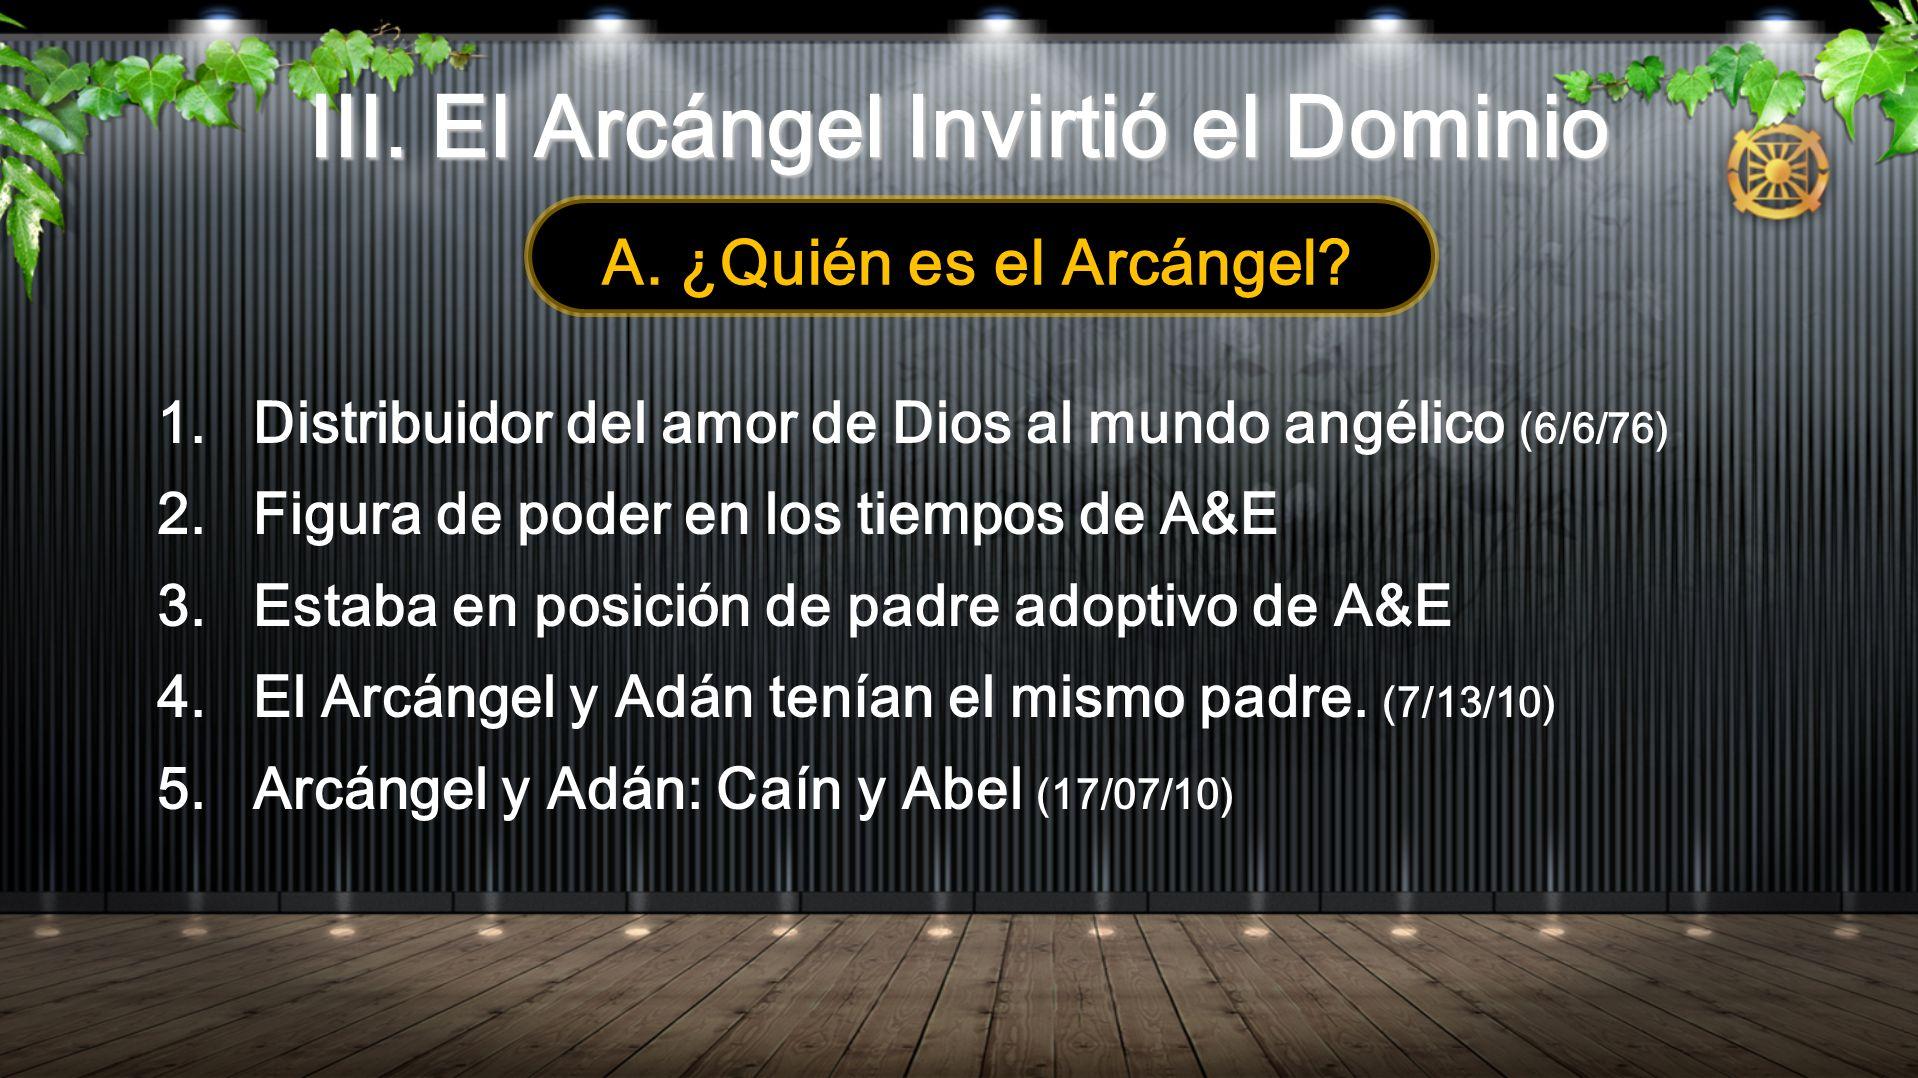 1. Distribuidor del amor de Dios al mundo angélico (6/6/76) 2. Figura de poder en los tiempos de A&E 3. Estaba en posición de padre adoptivo de A&E 4.